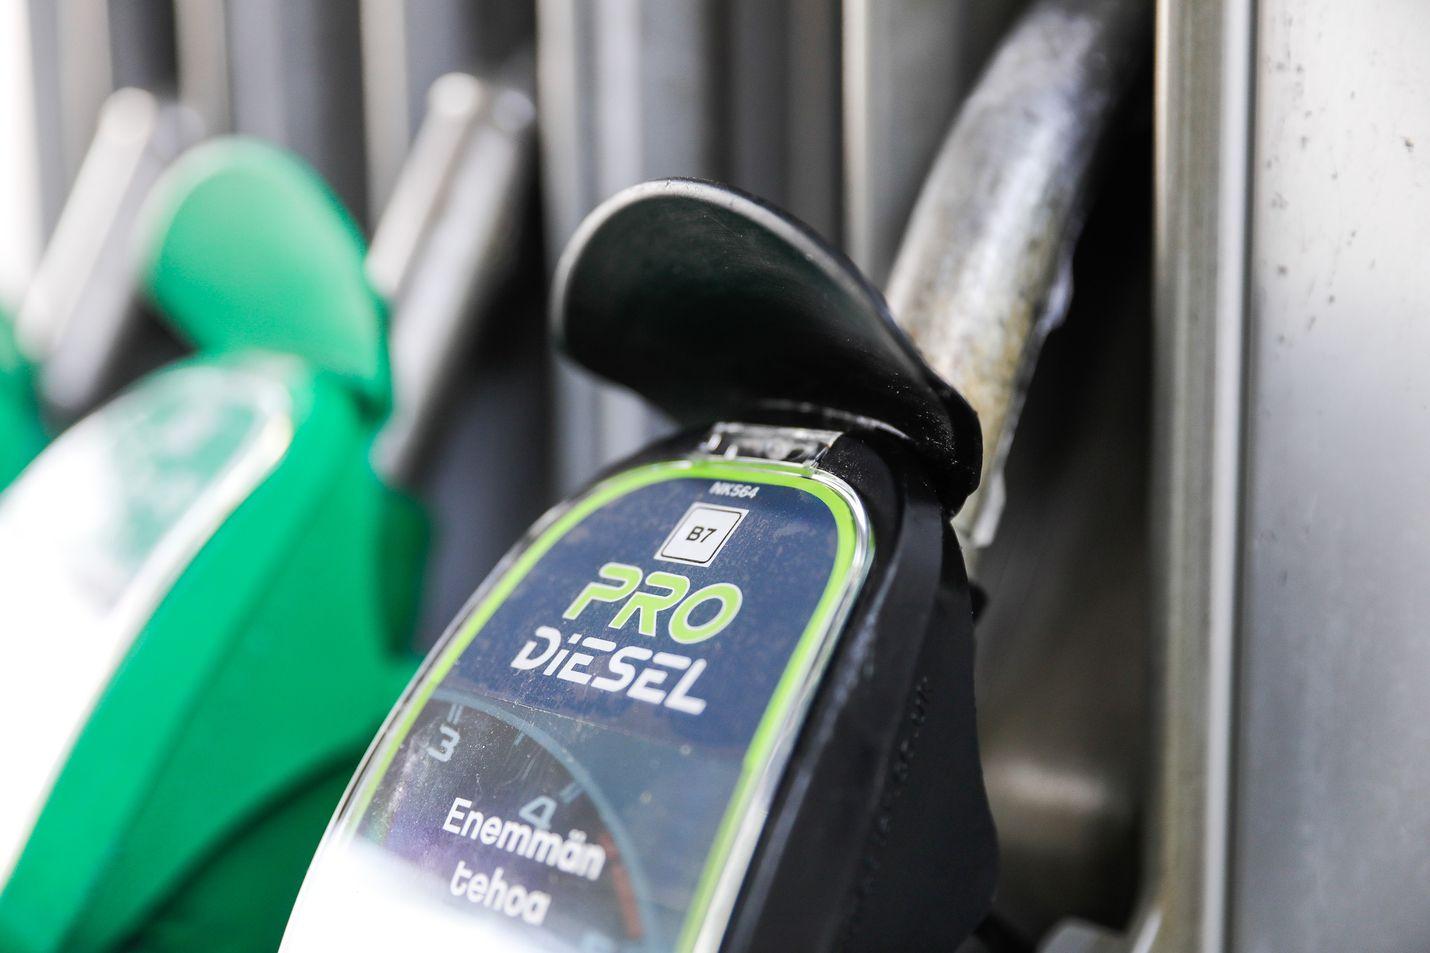 Nesteellä on Suomessa noin 800 jakeluasemaa. Vaikka yhtiö panostaa yhä enemmän uusiutuviin raaka-aineisiin, ei Naantalin jalostamon sulkemiseen liity suunnitelmaa fossiilisen öljynjalostuksen nopeutetusta vähentämisestä.